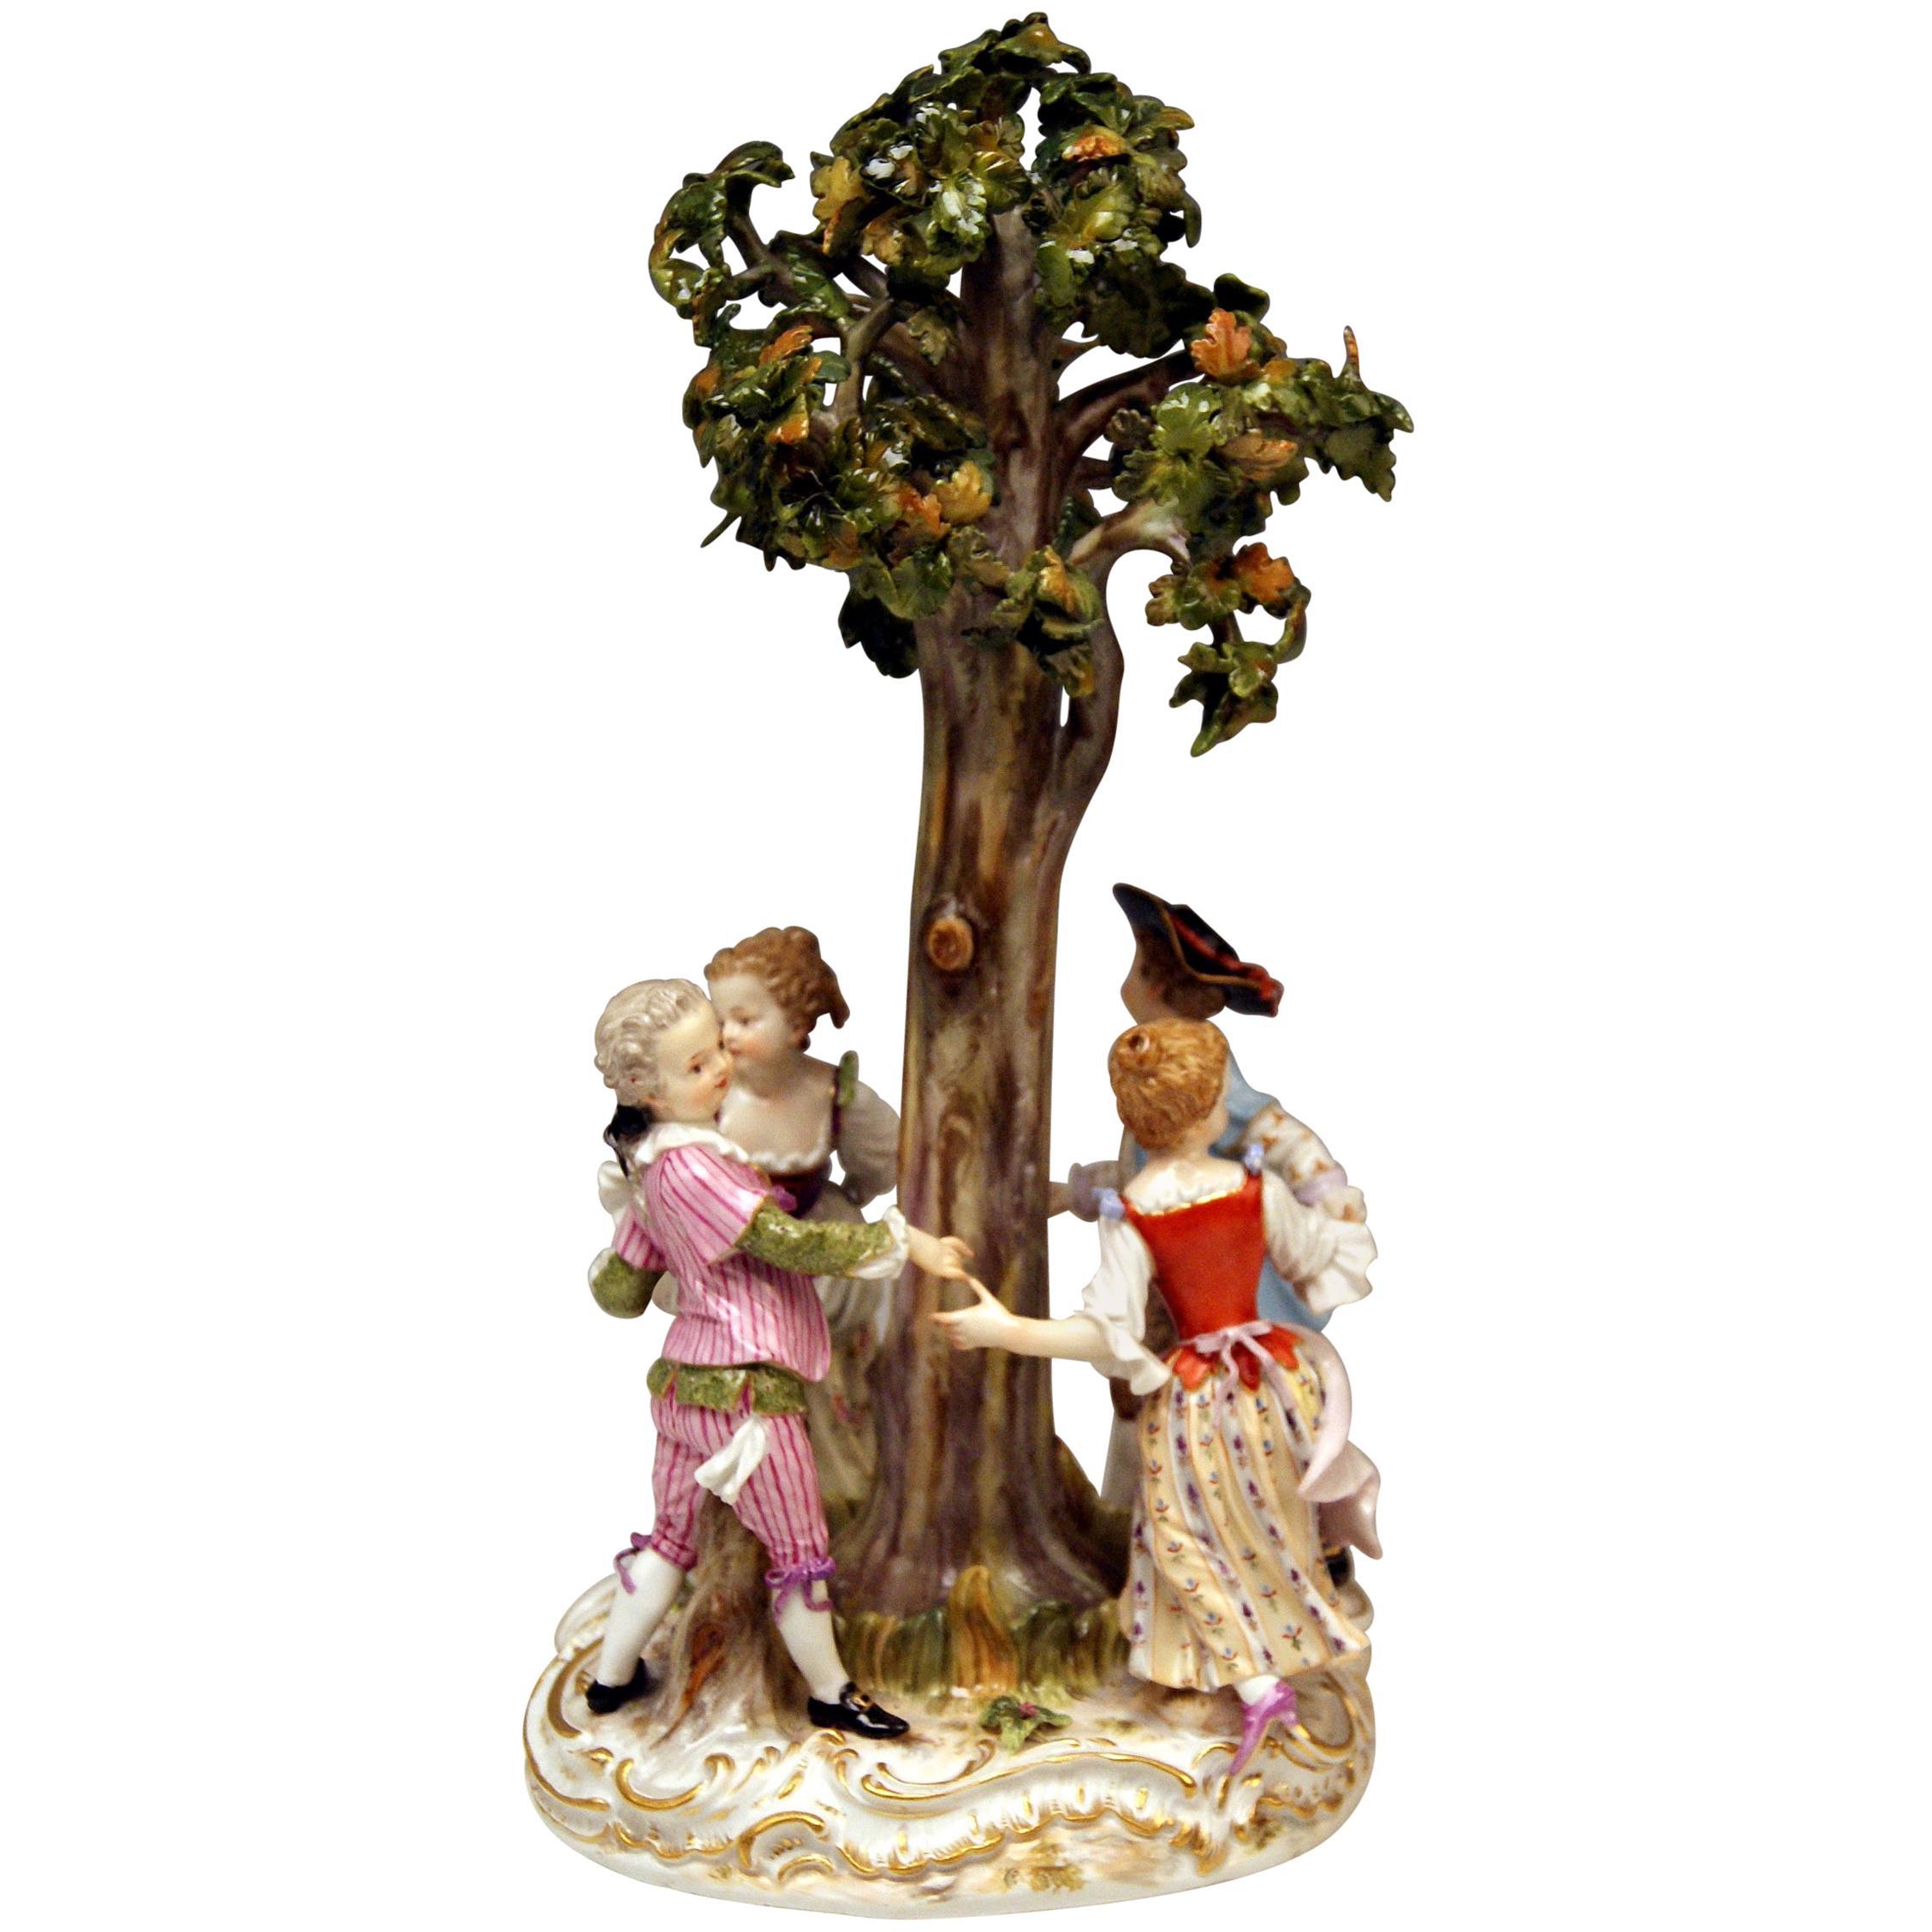 Meissen Figurines Gardener Children under a Tree Model 2728, Kaendler circa 1850